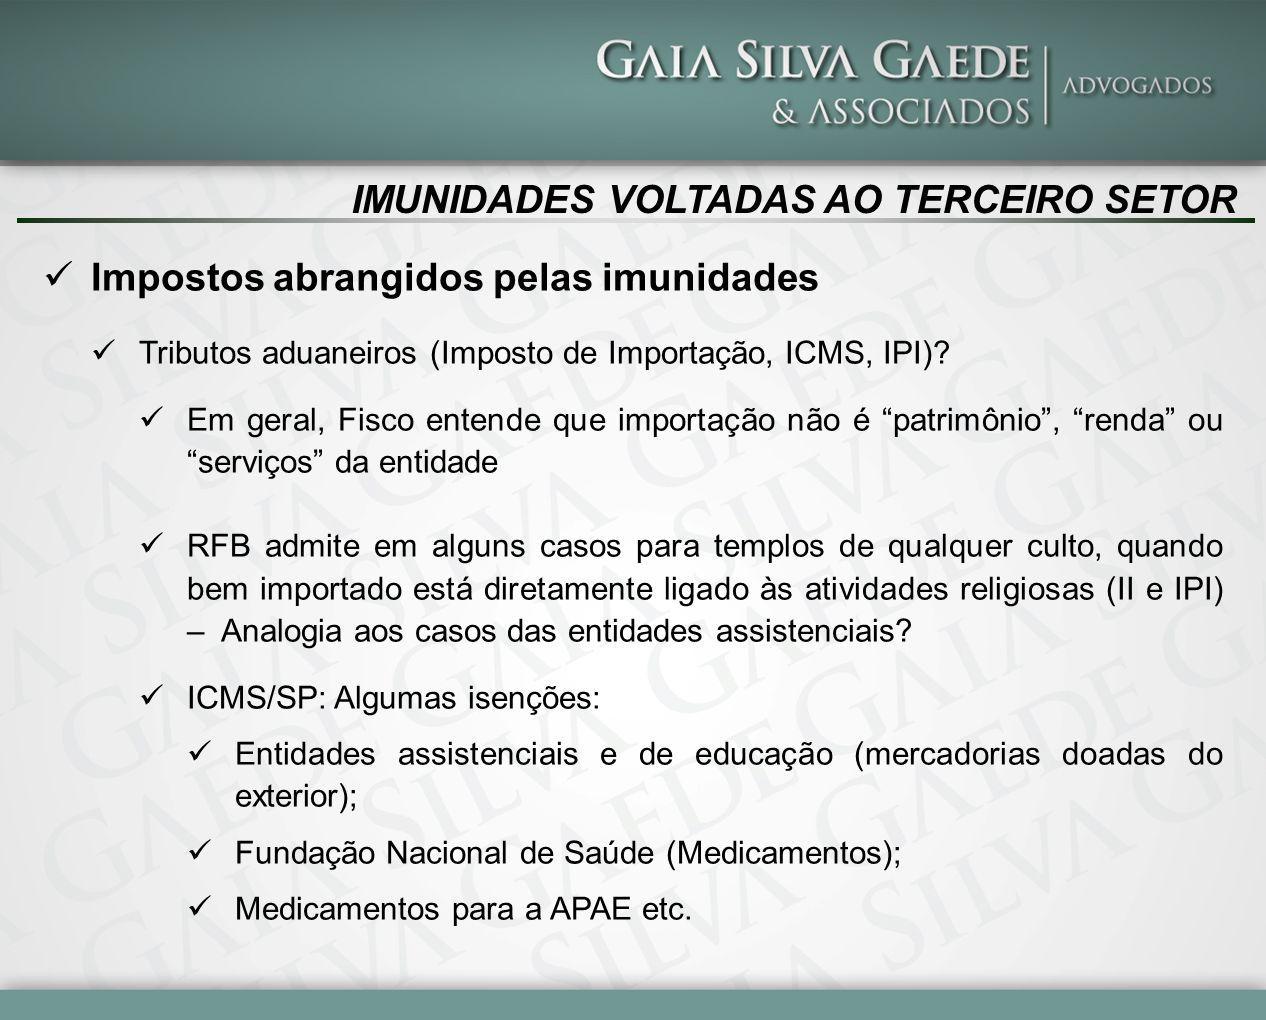 IMUNIDADES VOLTADAS AO TERCEIRO SETOR Impostos abrangidos pelas imunidades Tributos aduaneiros (Imposto de Importação, ICMS, IPI)? Em geral, Fisco ent